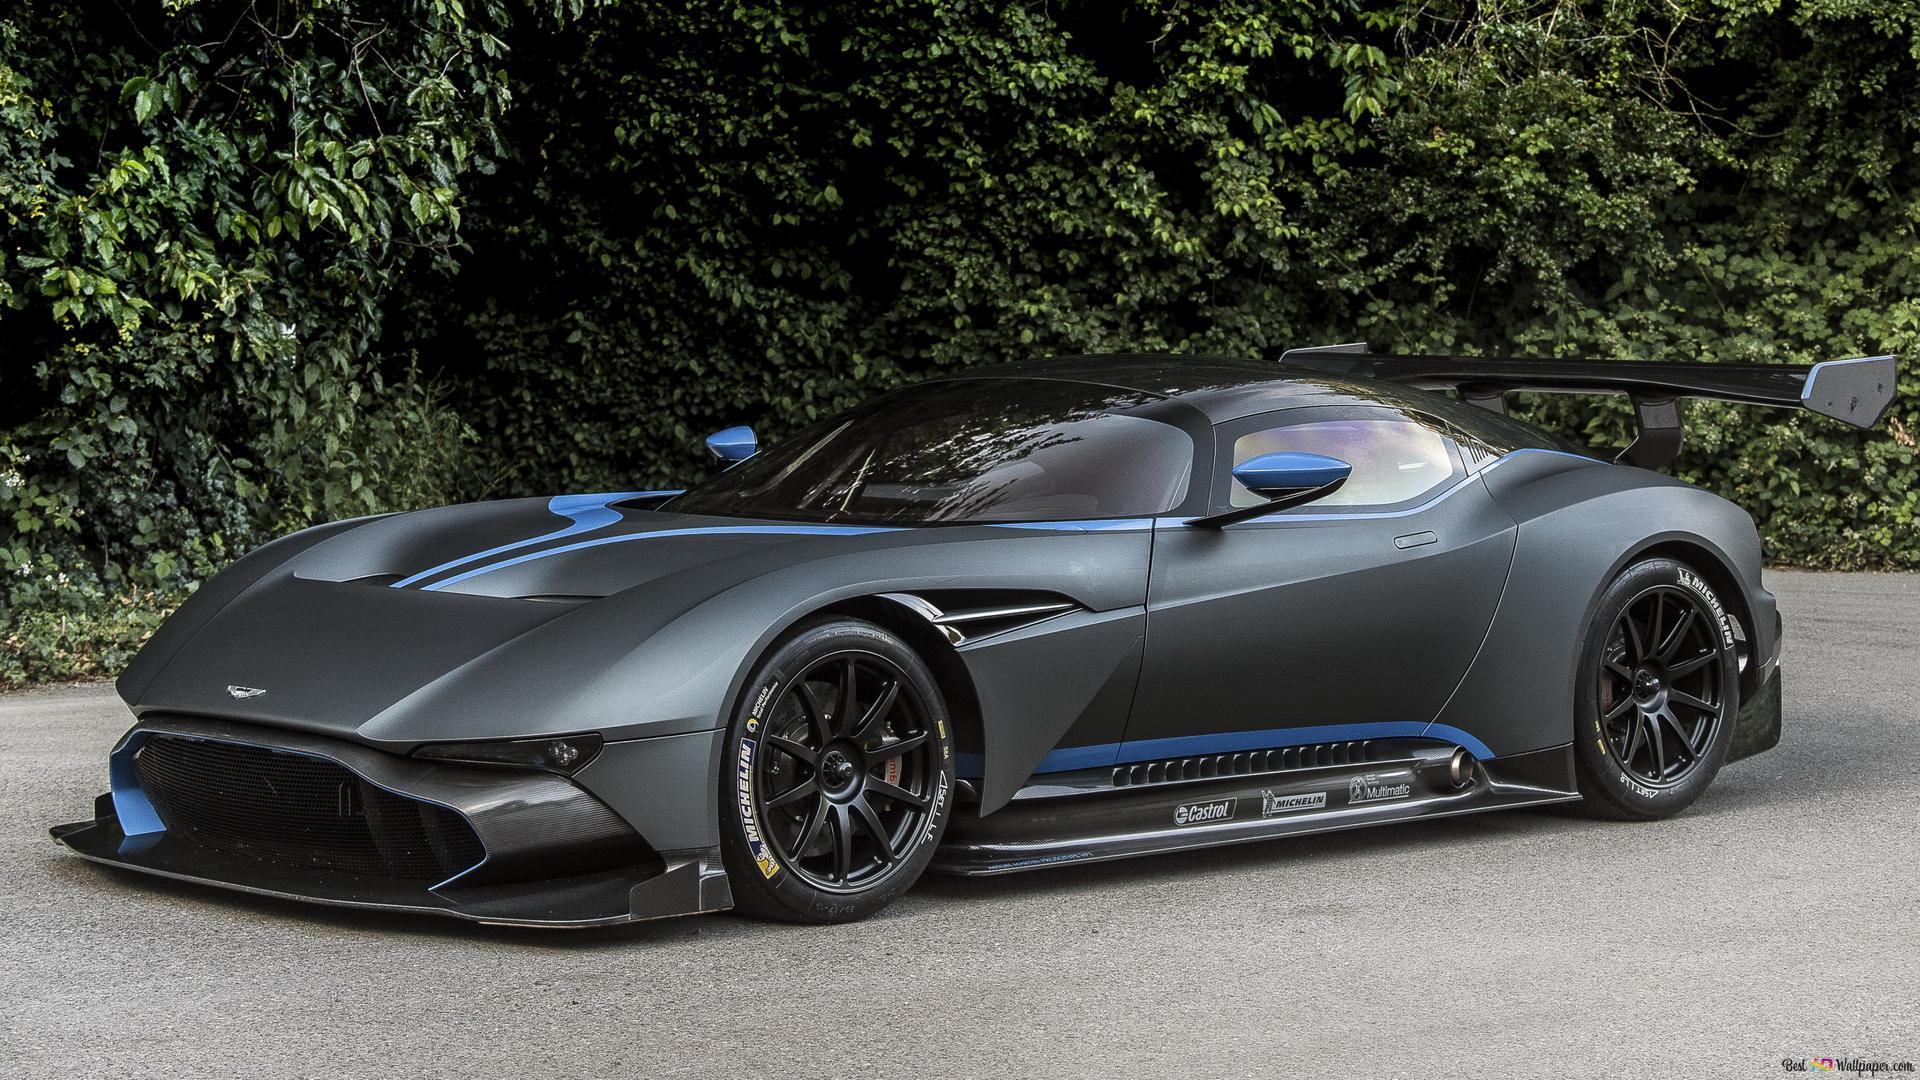 Descargar Fondo De Pantalla Elegante Aston Martin Vulcan Hd